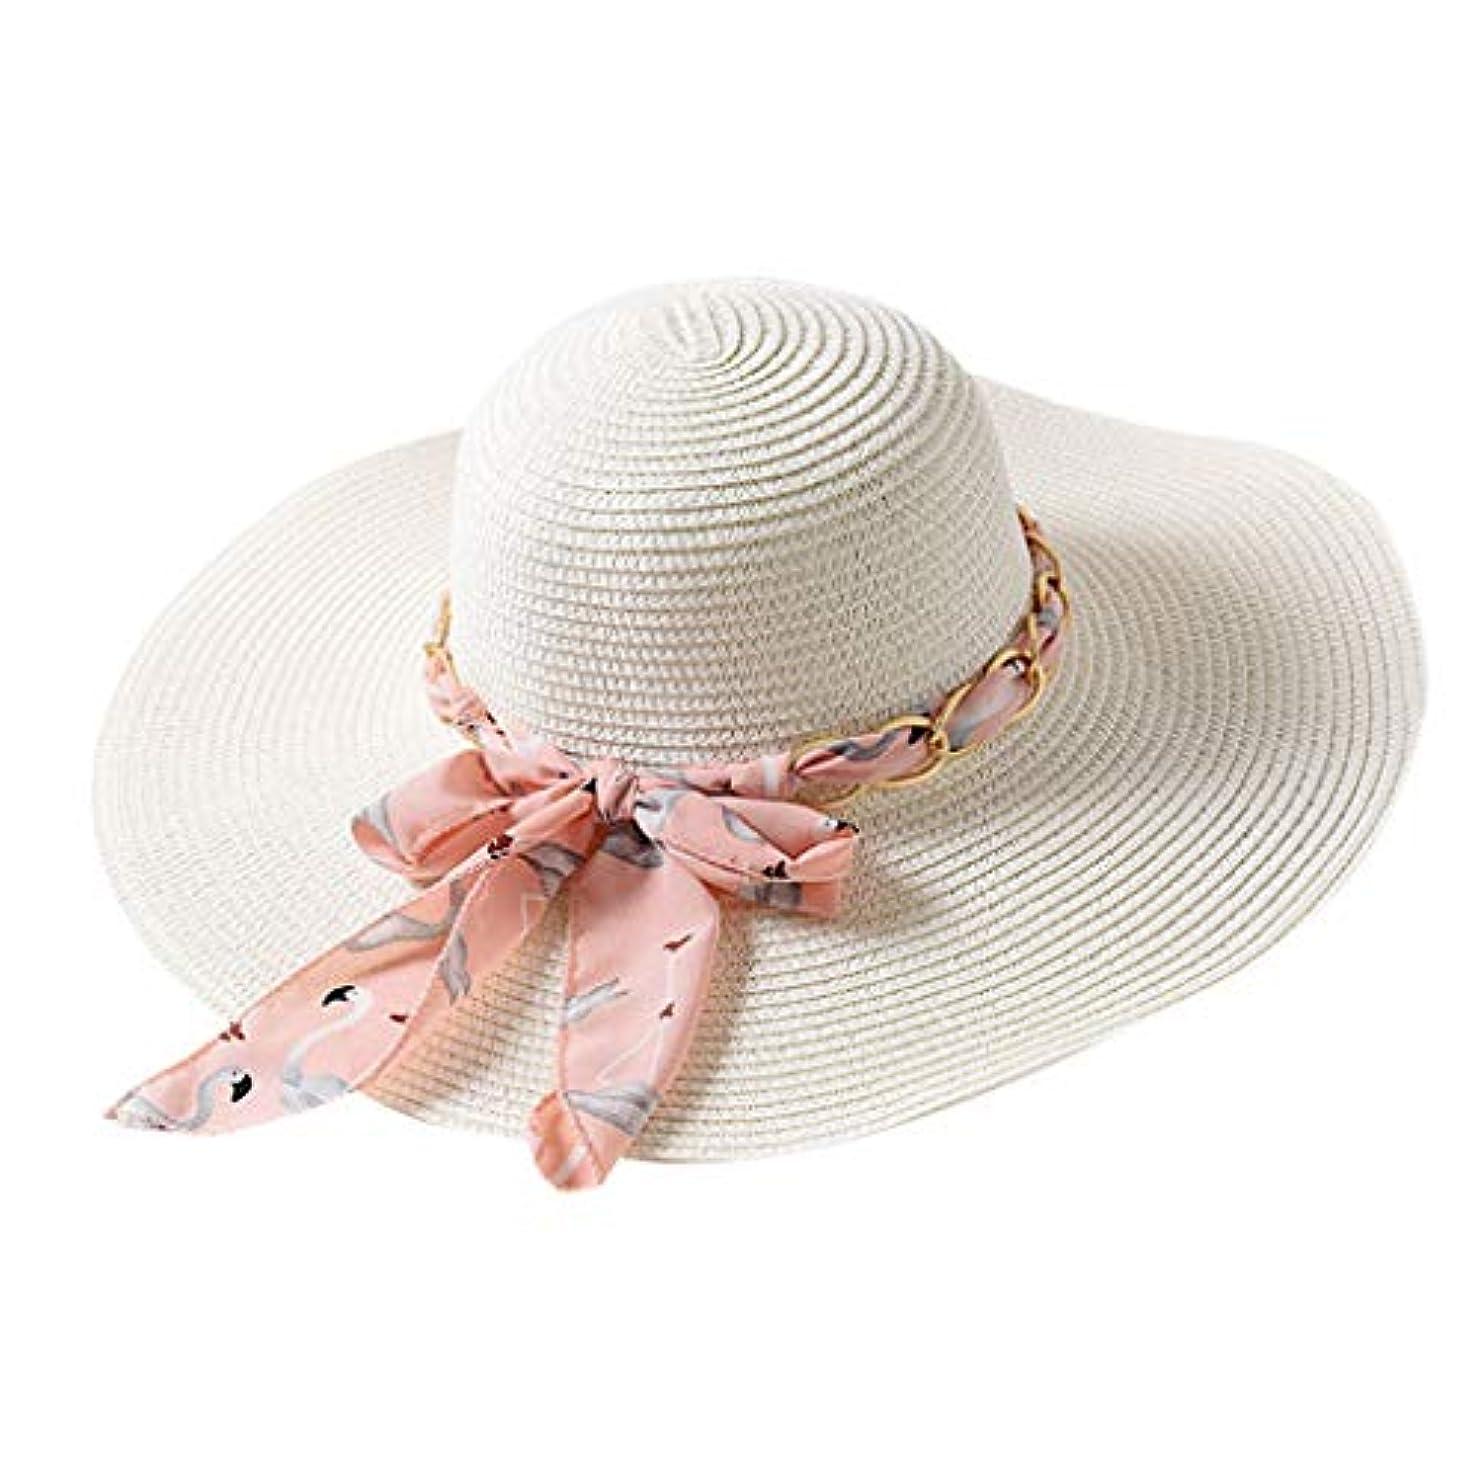 航海の何故なのそれるファッション小物 夏 帽子 レディース UVカット 帽子 ハット レディース 紫外線対策 日焼け防止 取り外すあご紐 つば広 おしゃれ 可愛い 夏季 折りたたみ サイズ調節可 旅行 女優帽 小顔効果抜群 ROSE ROMAN